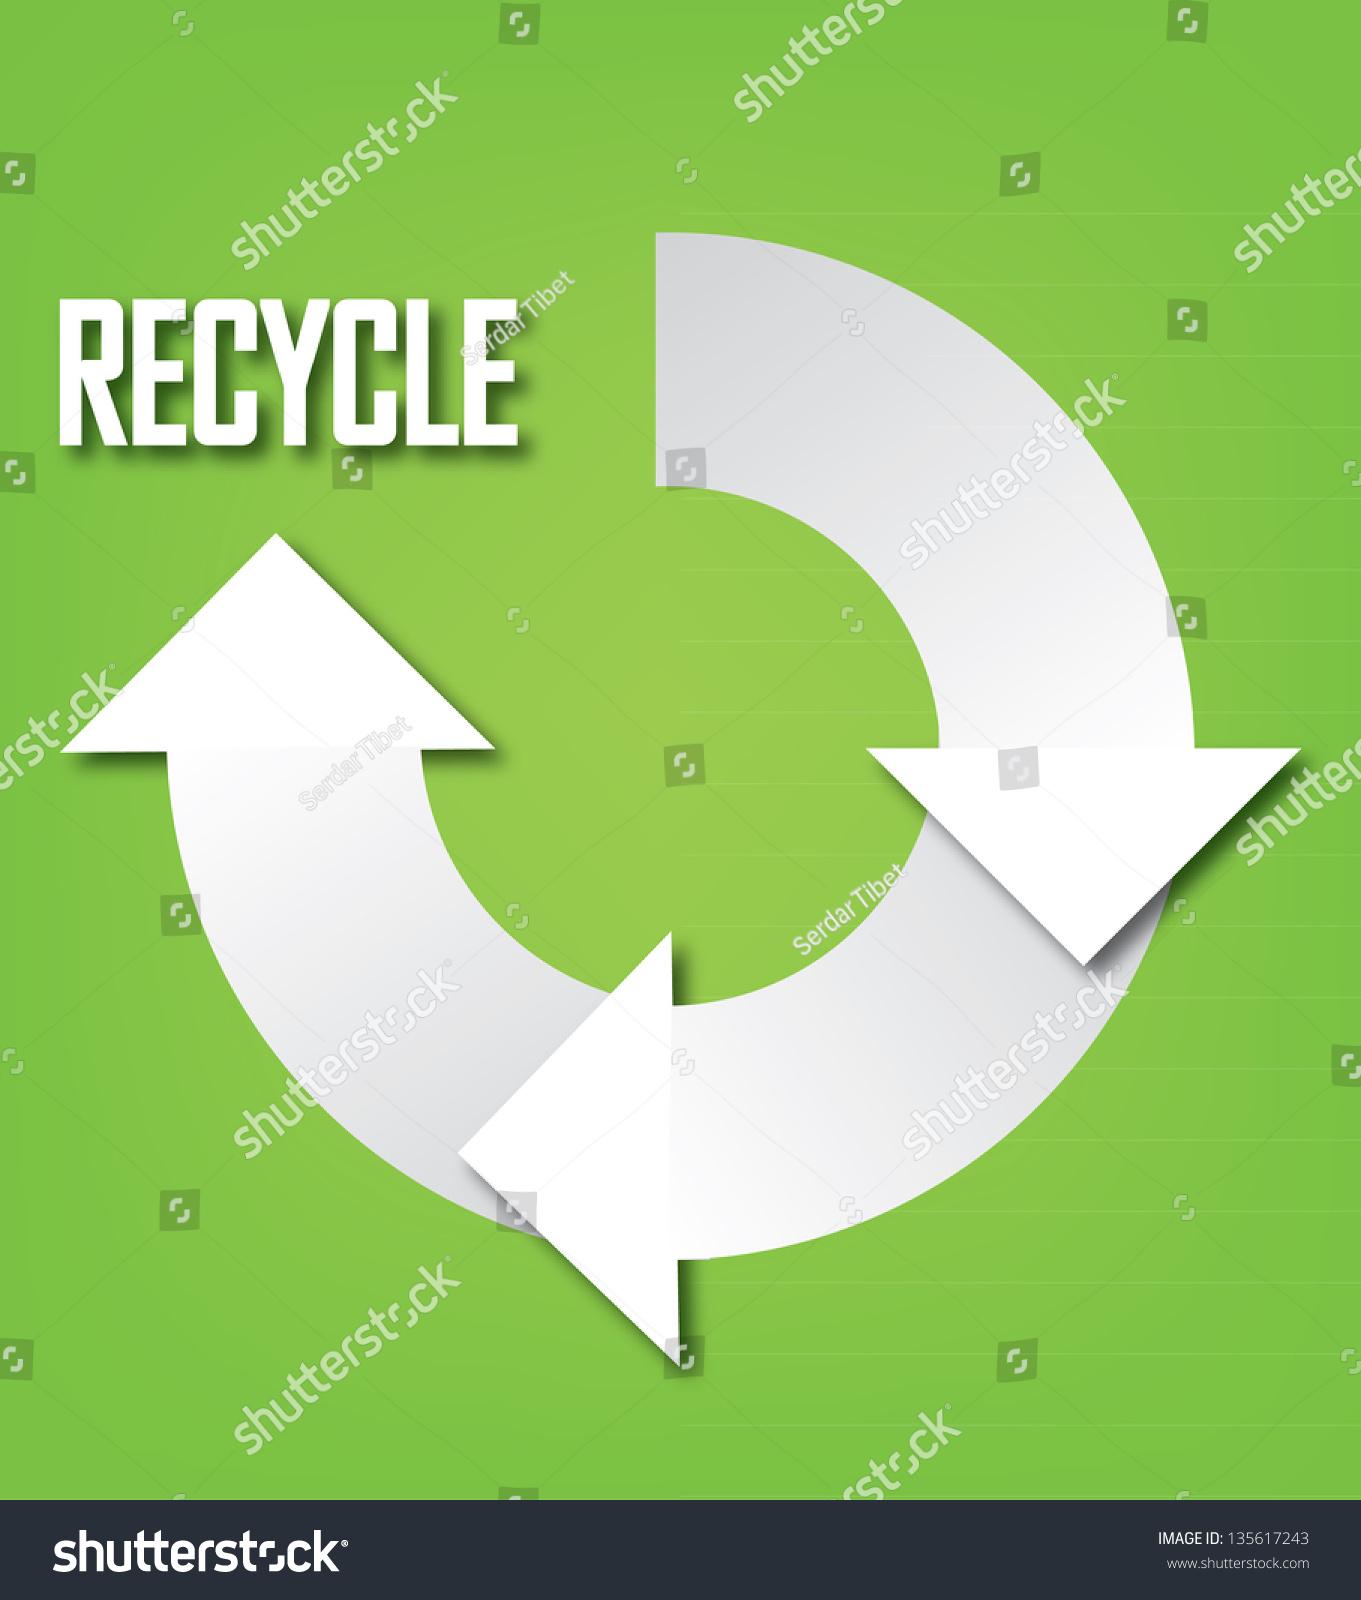 Recycle symbol isolated on white background stock vector 135617243 recycle symbol isolated on white background vector illustration buycottarizona Choice Image